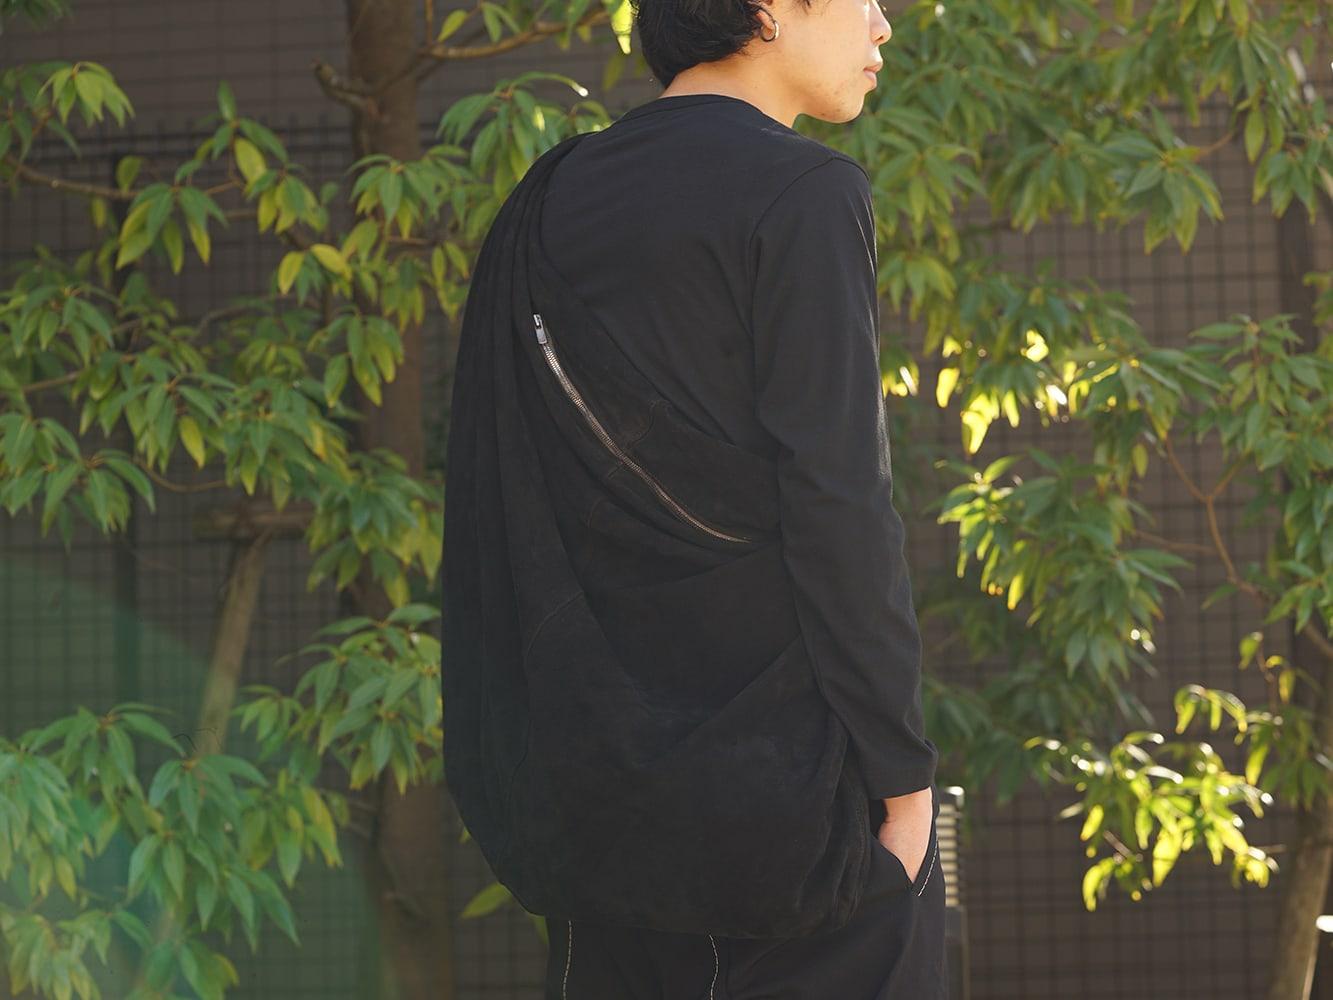 Yohji Yamamoto x B YY 19SS Simple Style 06